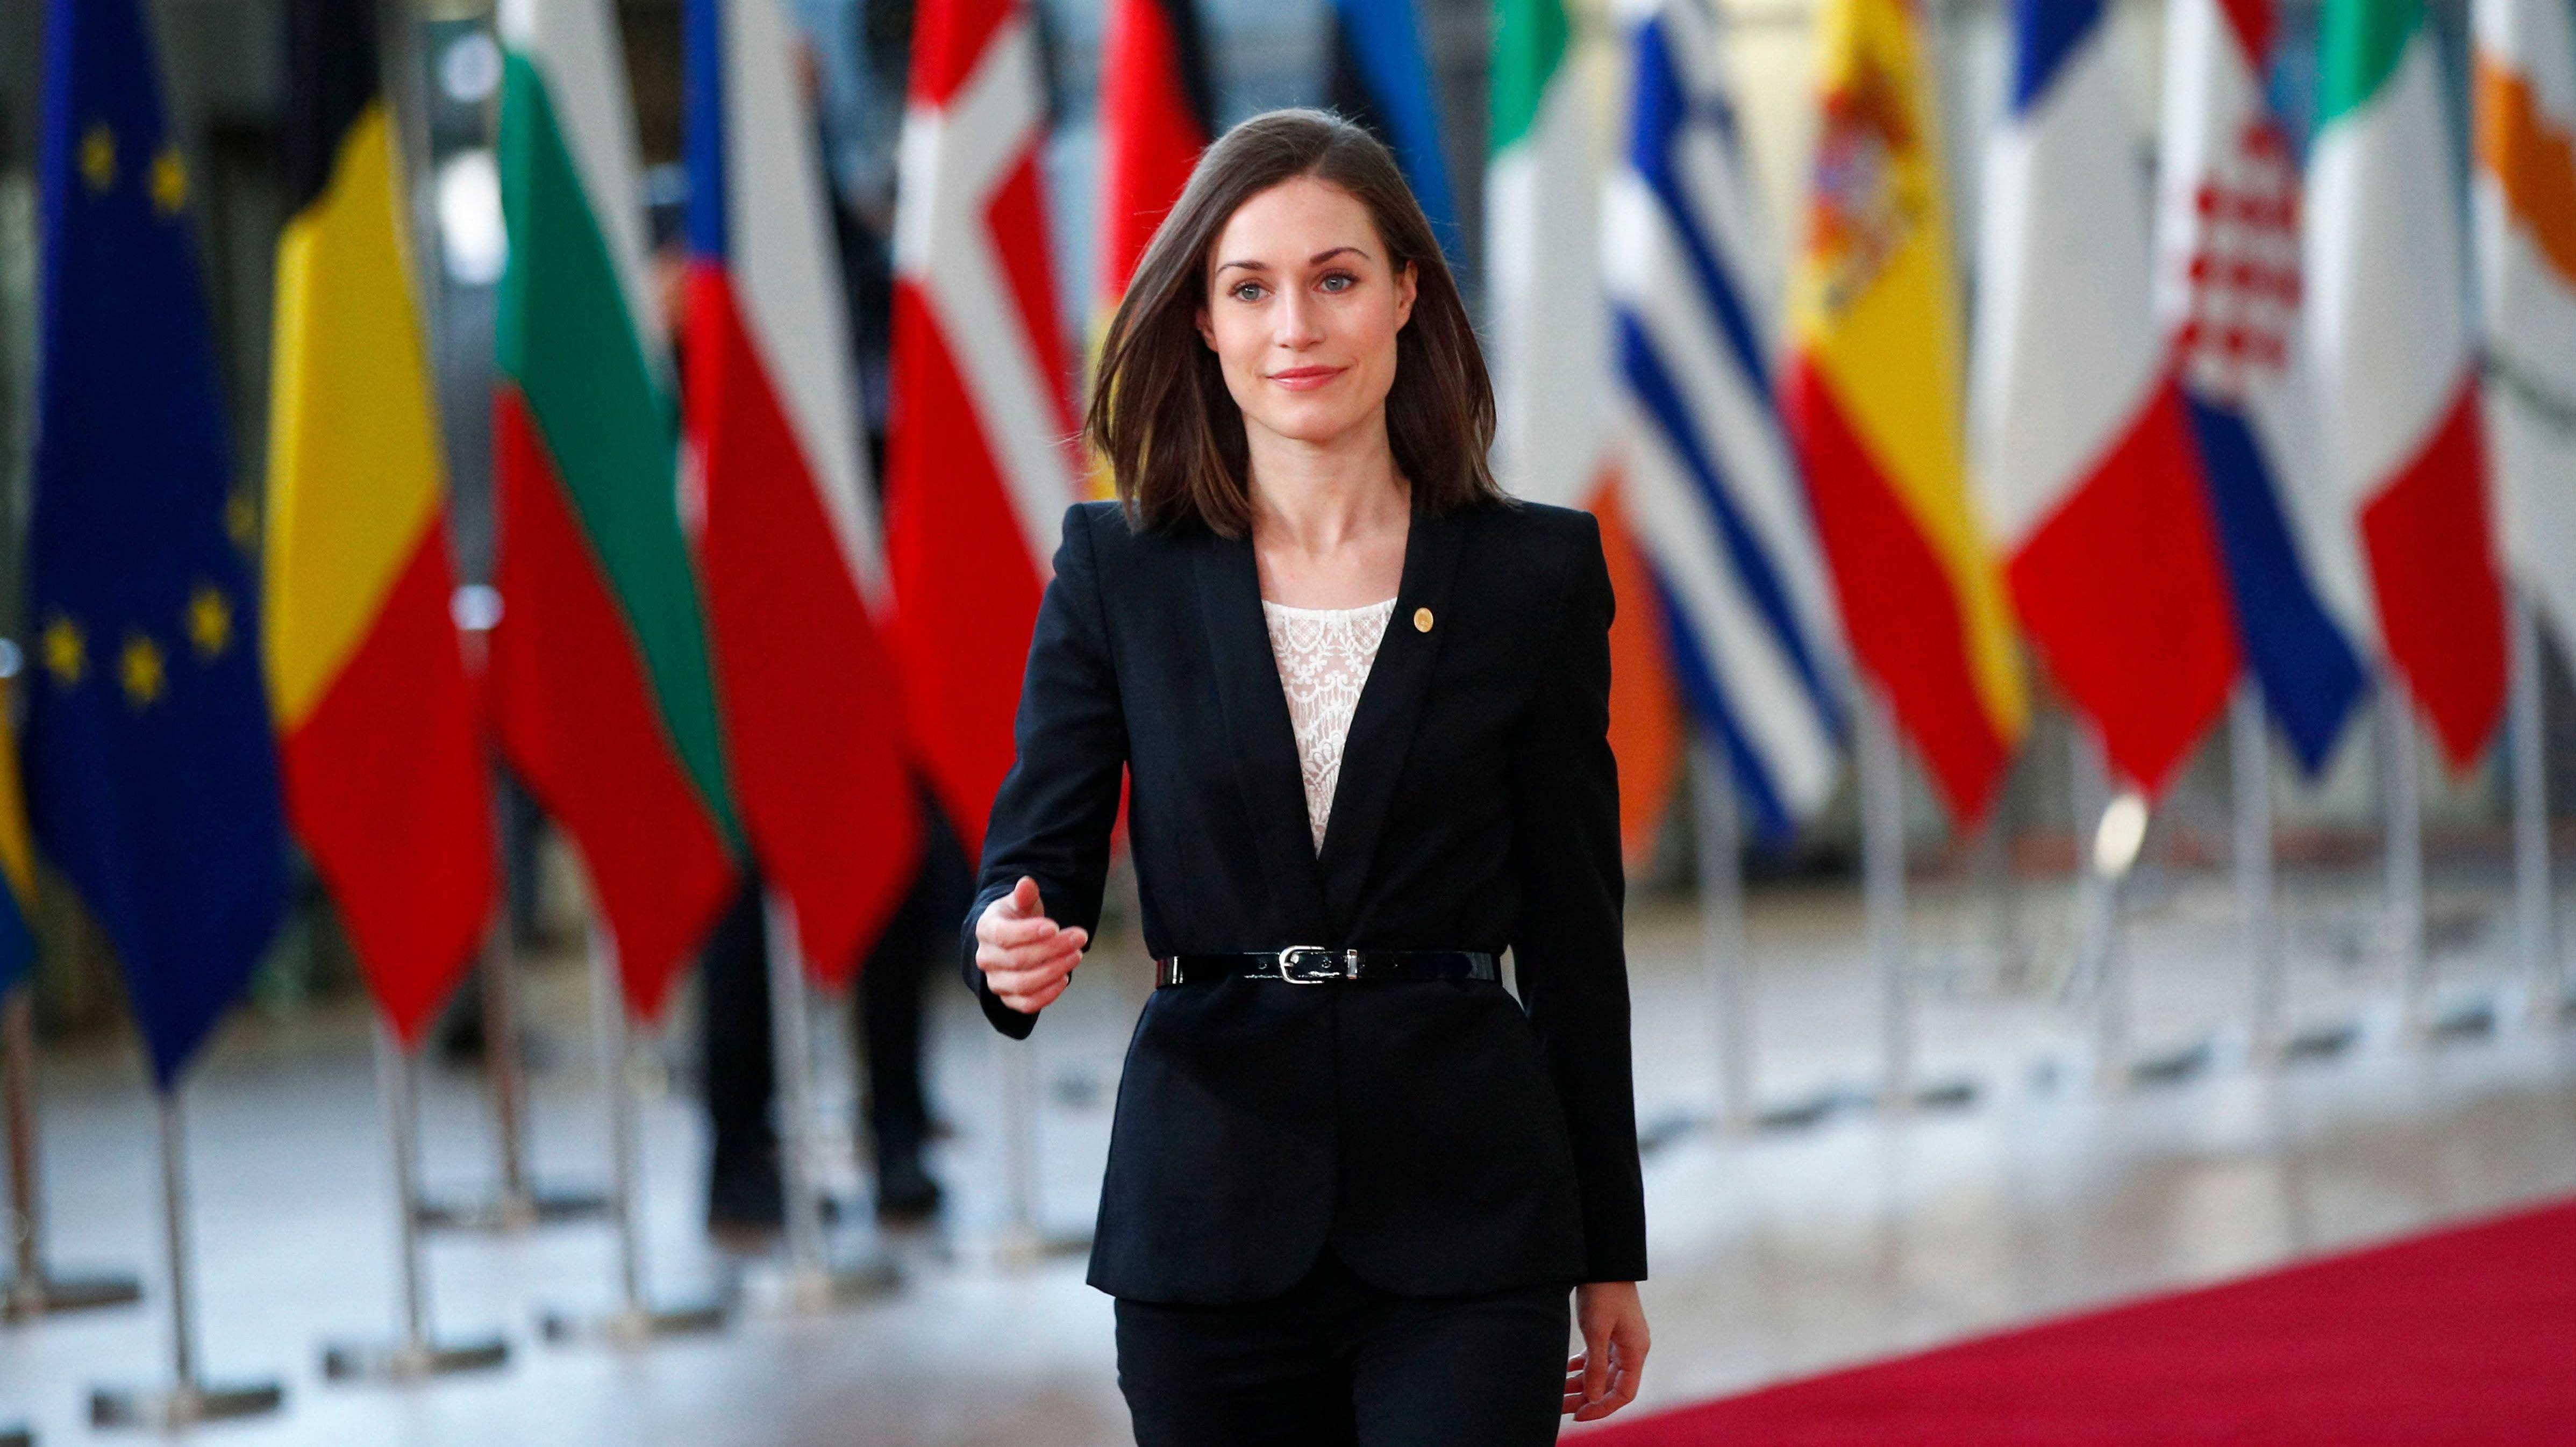 Marin kommentoi siirtolaisuden varjolla tapahtuvaa hybridivaikuttamista